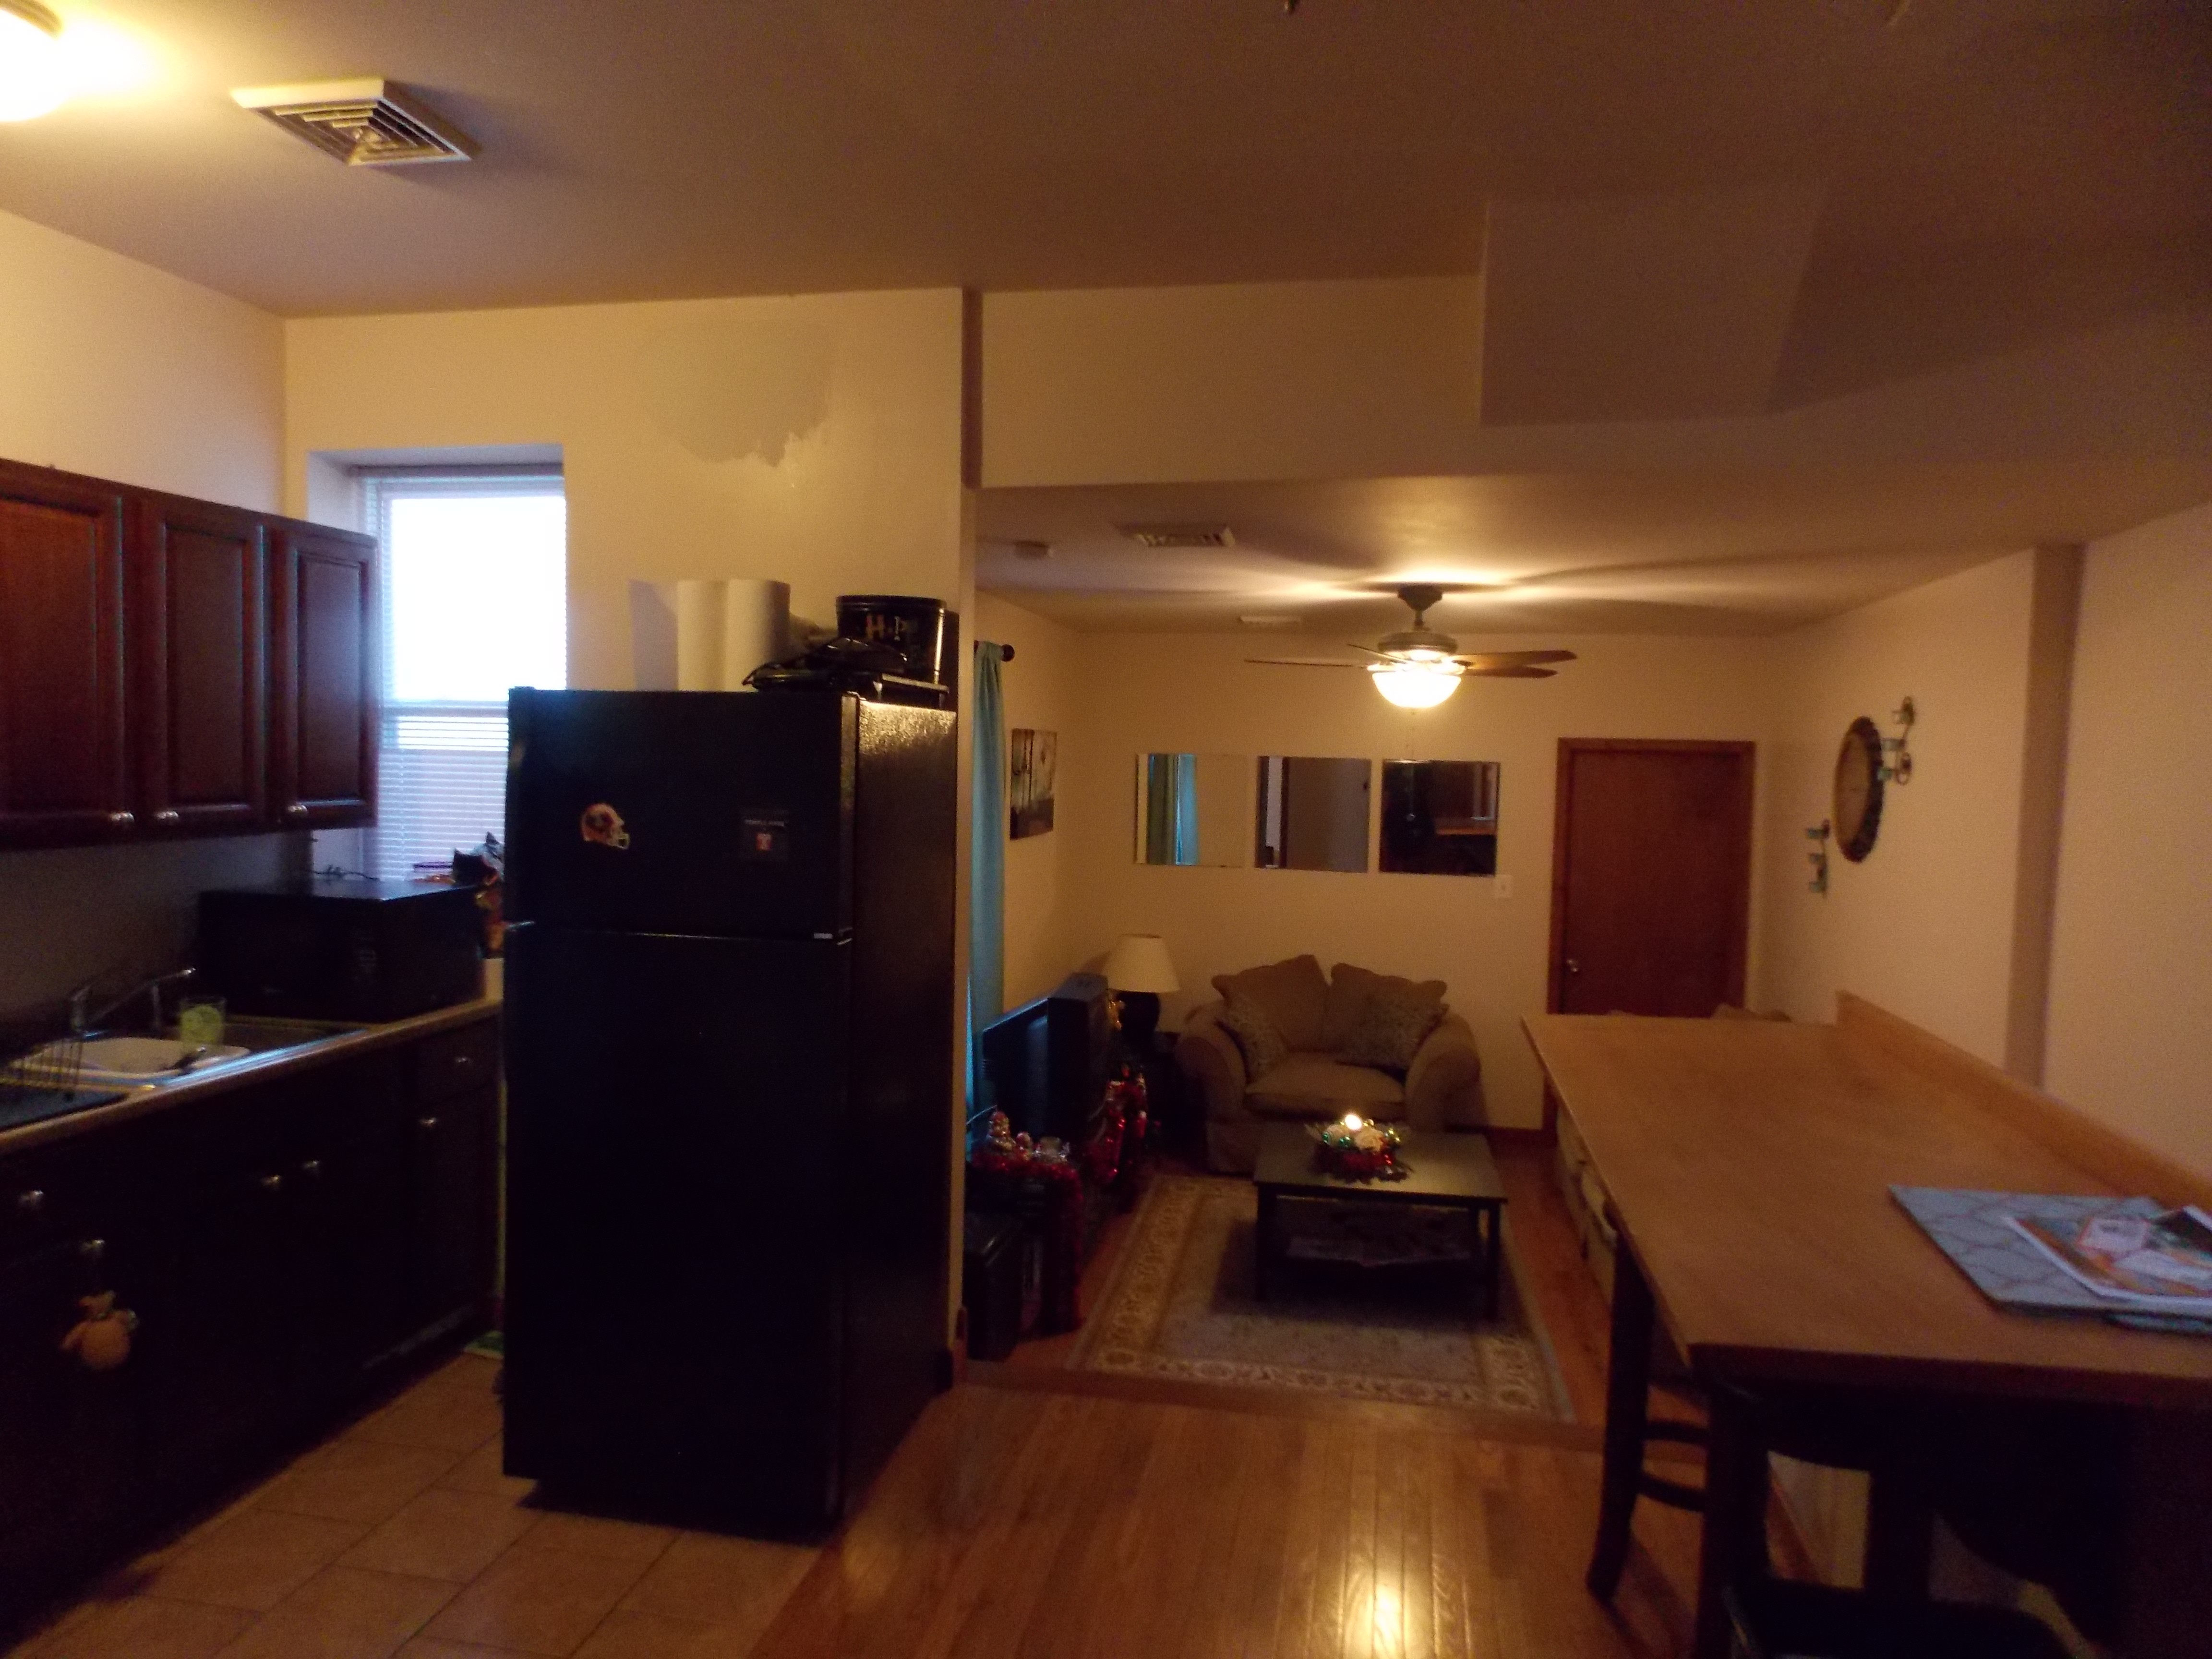 1728 Diamond St Philadelphia Pa 19121 2 Bedroom Apartment For Rent For 1 200 Month Zumper